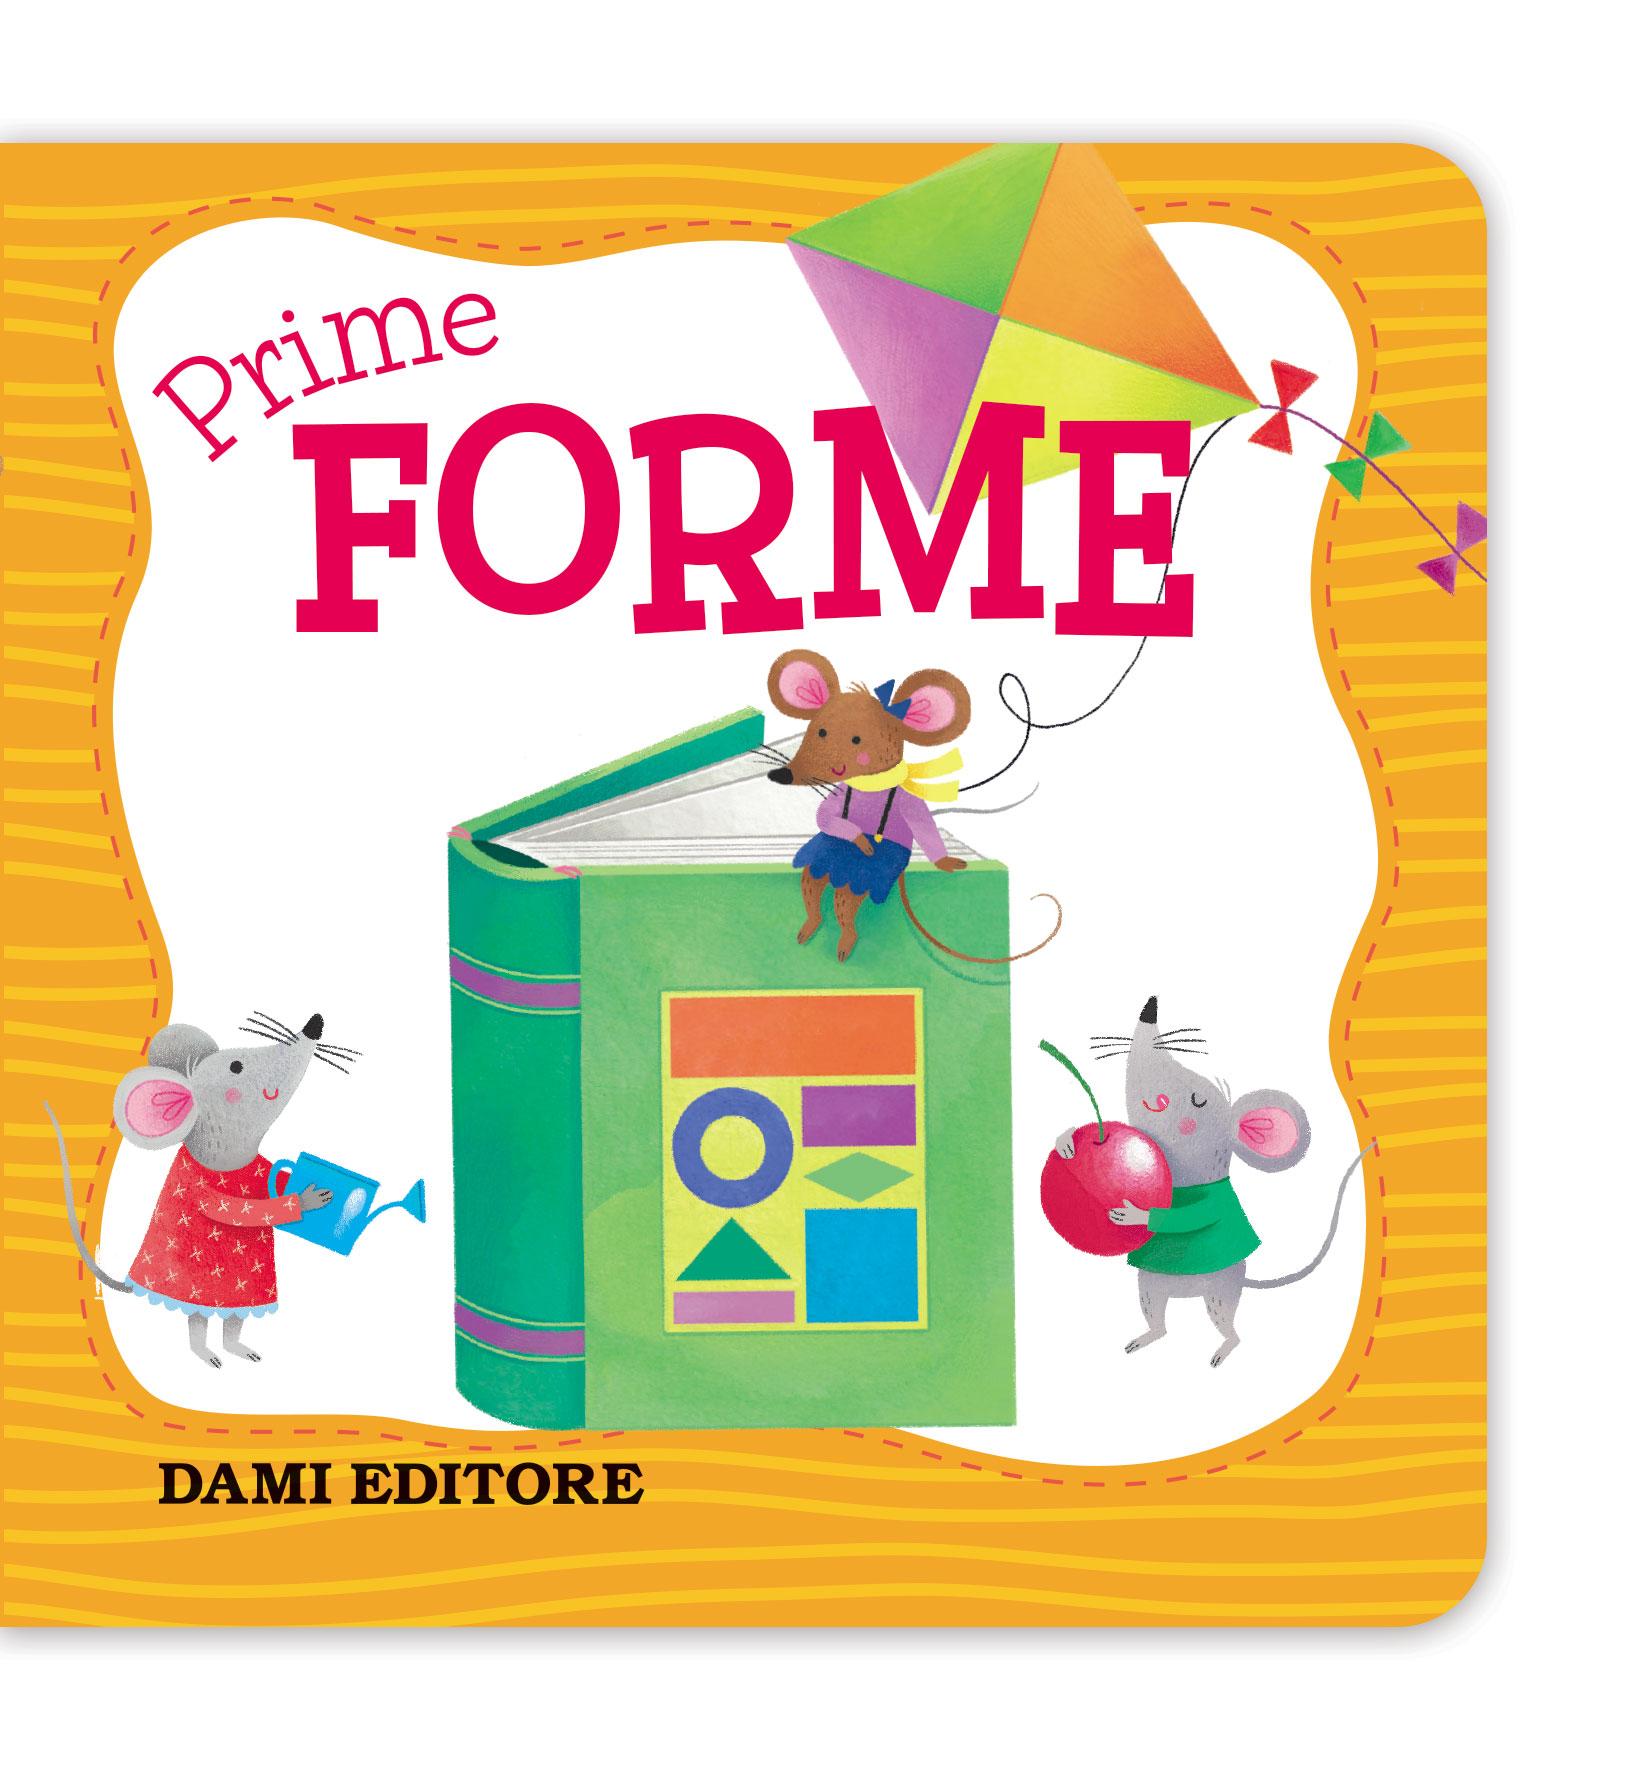 Prime forme